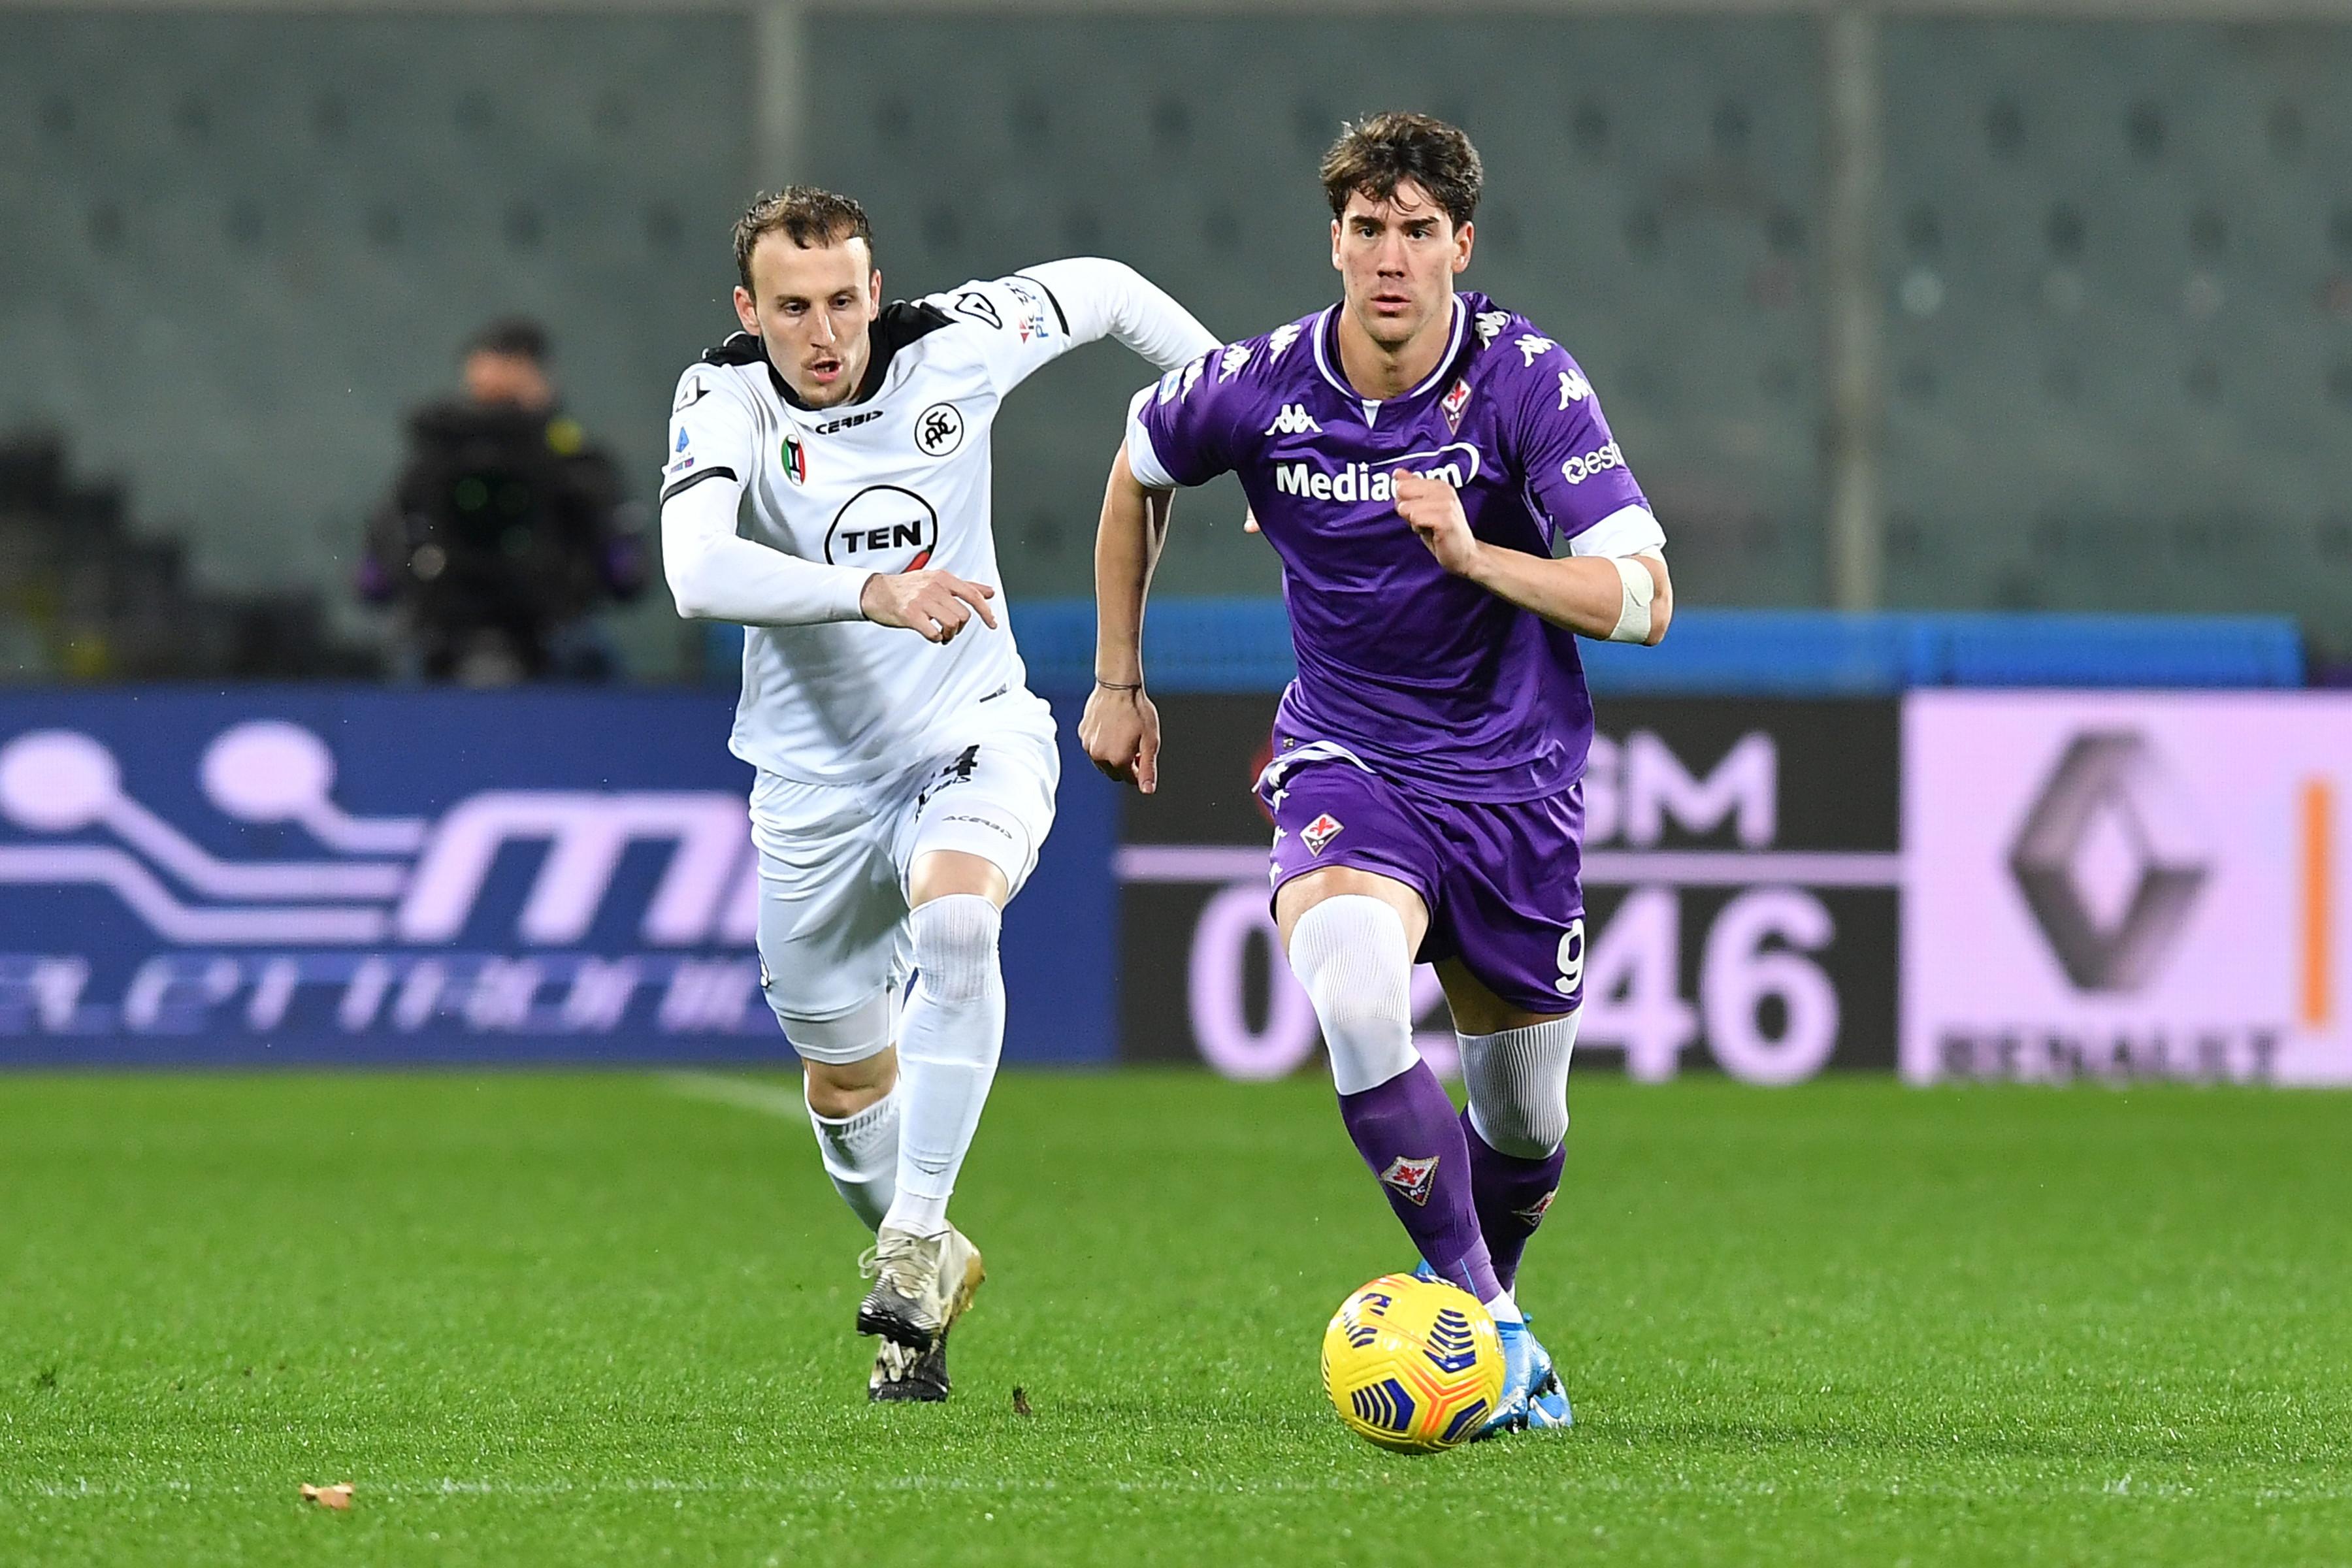 Le migliori foto di Fiorentina-Spezia 3-0<br /><br />